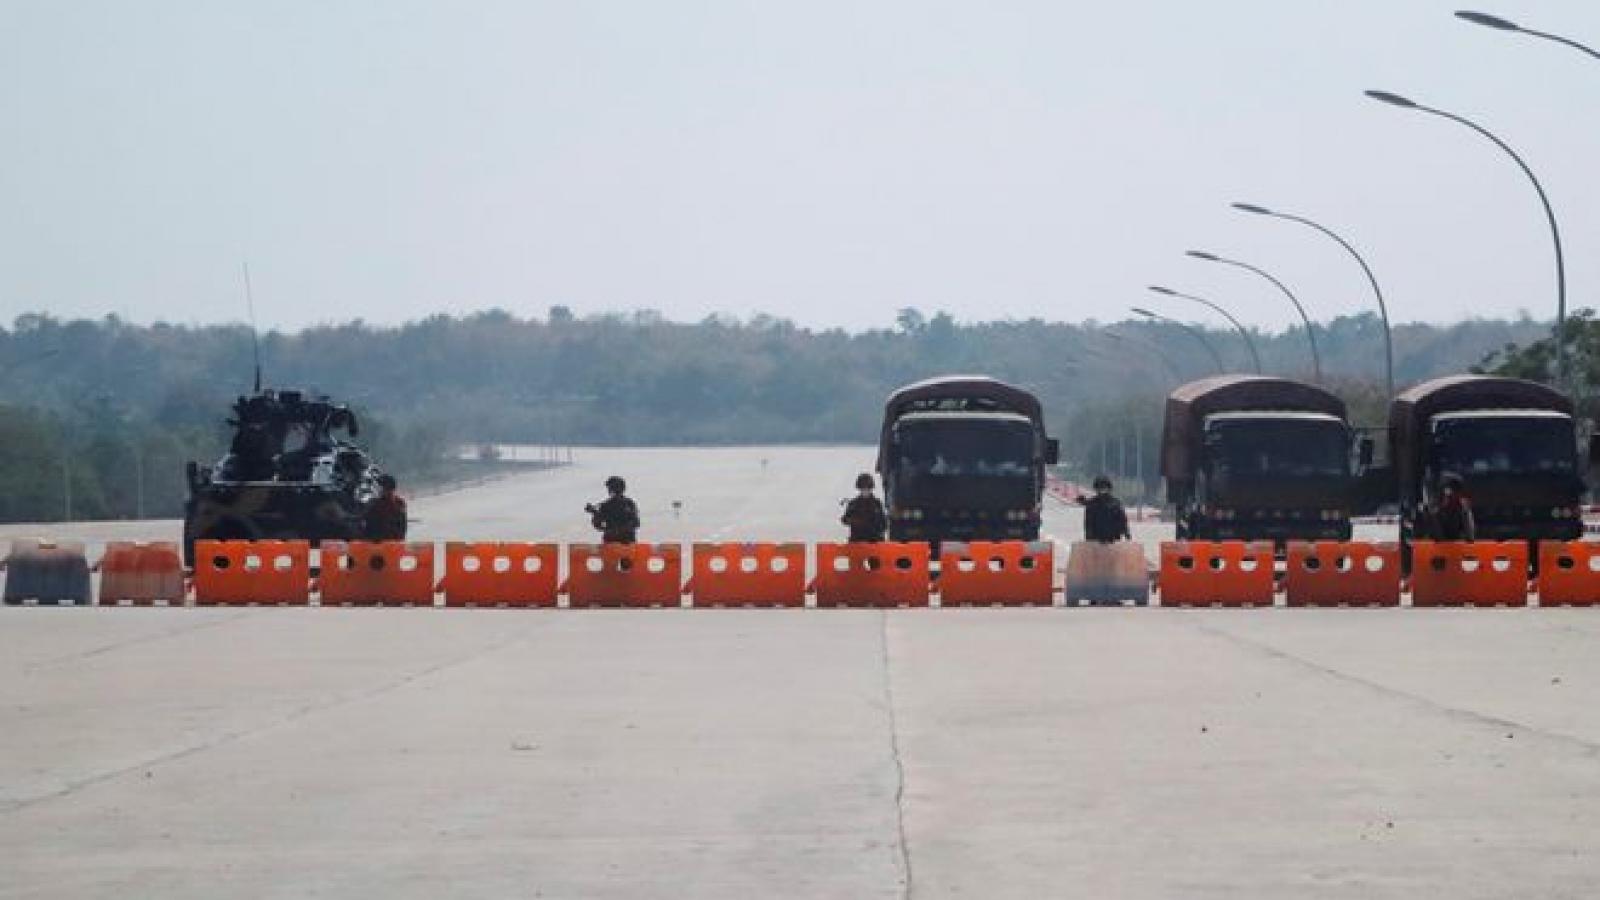 Quân đội Myanmar bổ nhiệm nhiều vị trí trong nội các sau đảo chính